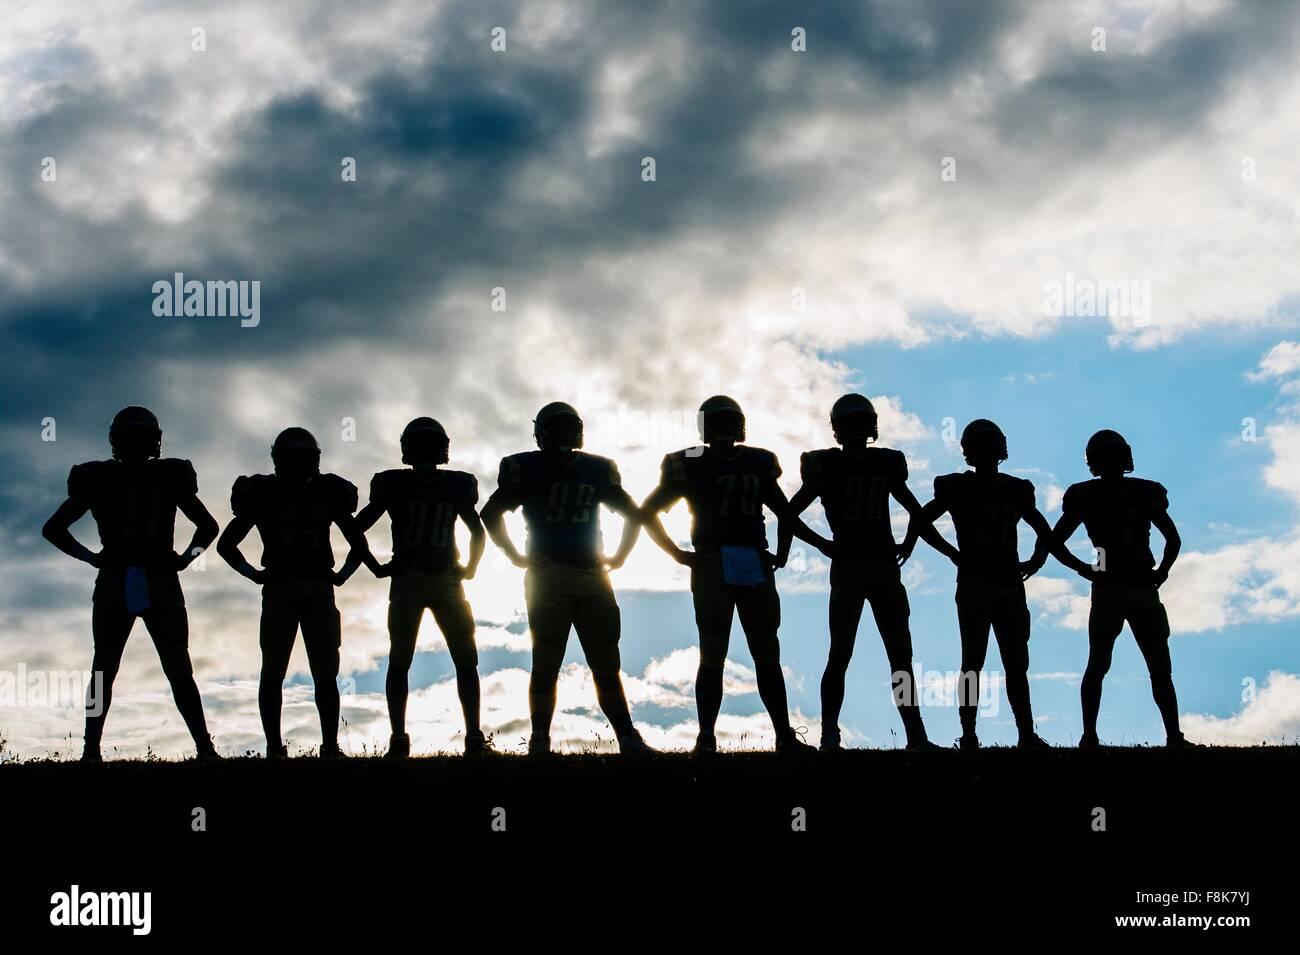 Silhouette der Gruppe von jungen amerikanischen Football-Spieler, stehend in Reihe, Hände auf den Hüften Stockbild